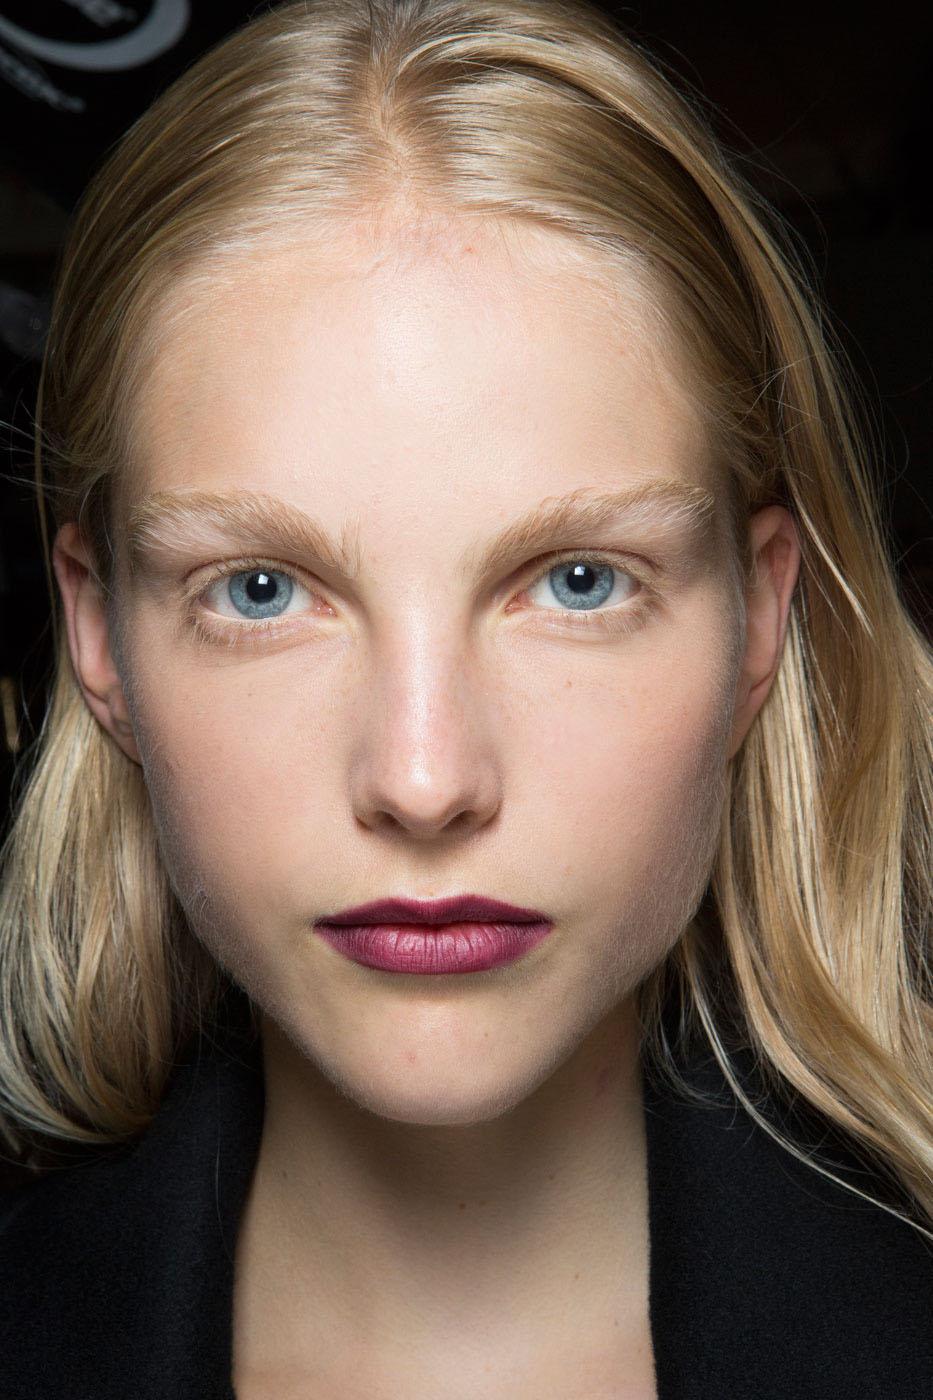 Schminktipps dunkle Lippen burberry vampir inspiration